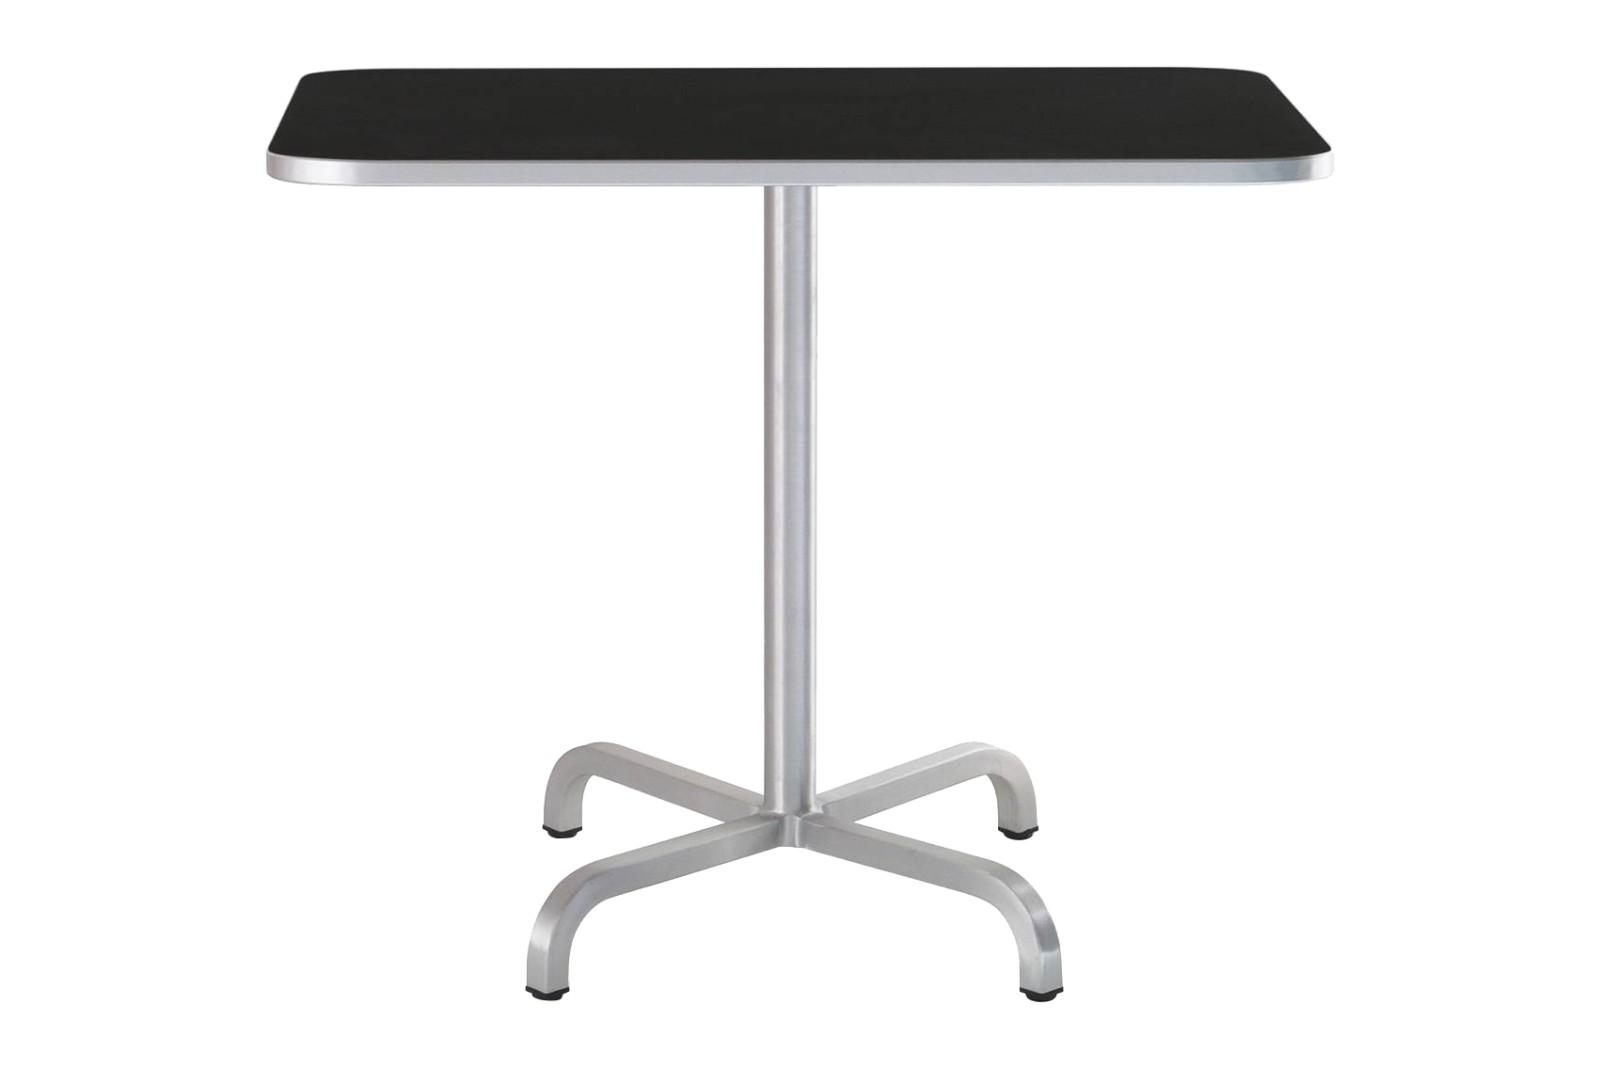 20-06 Café Table Square Black Laminate Top, Matt Aluminium Edge, 76 x 91 x 91 cm